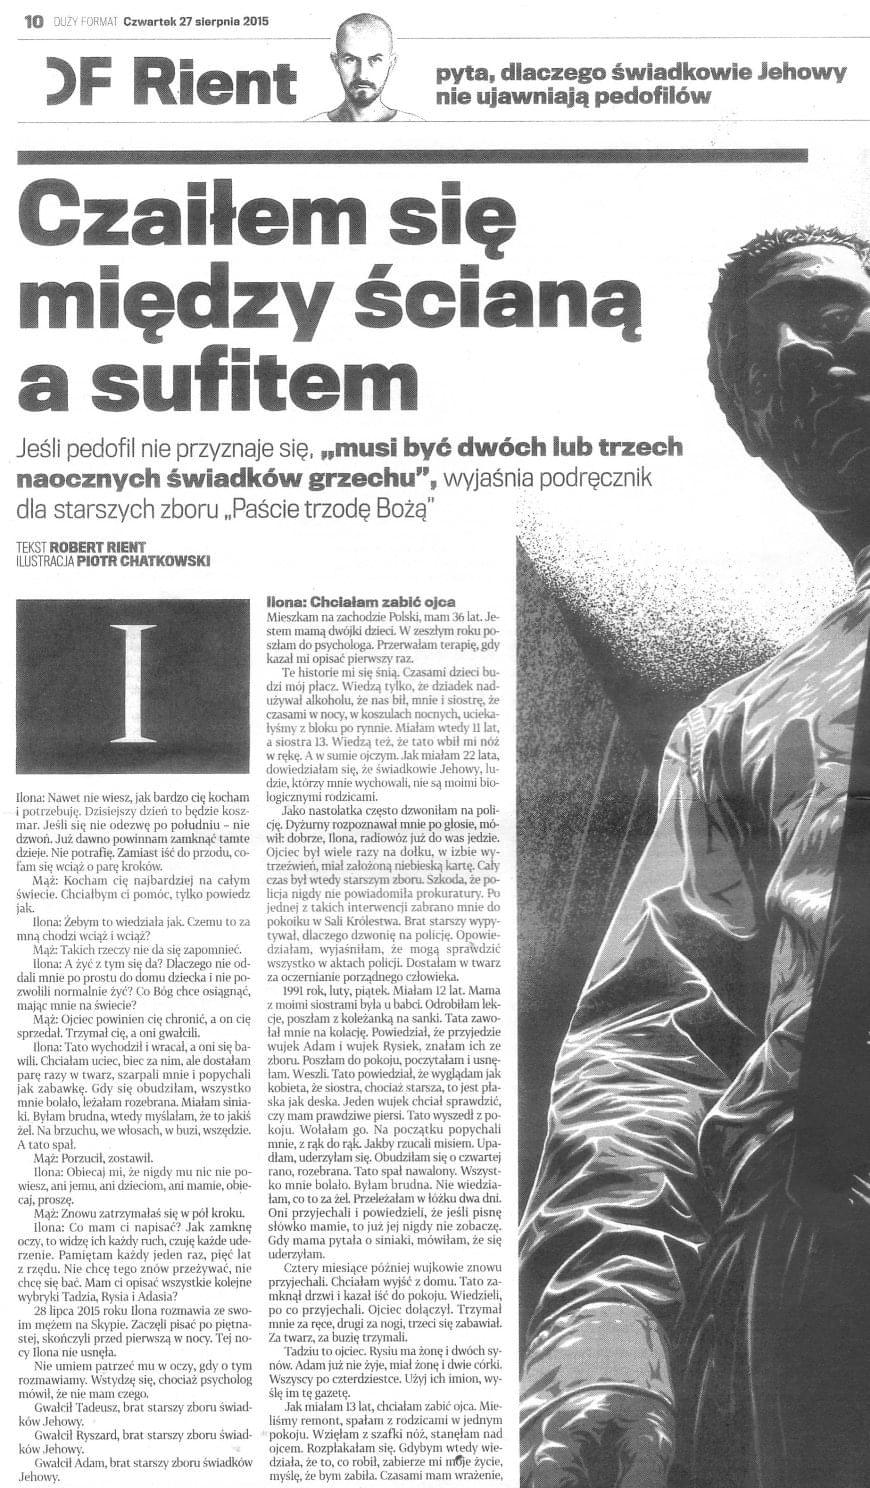 Gazeta Wyborcza - artykuł